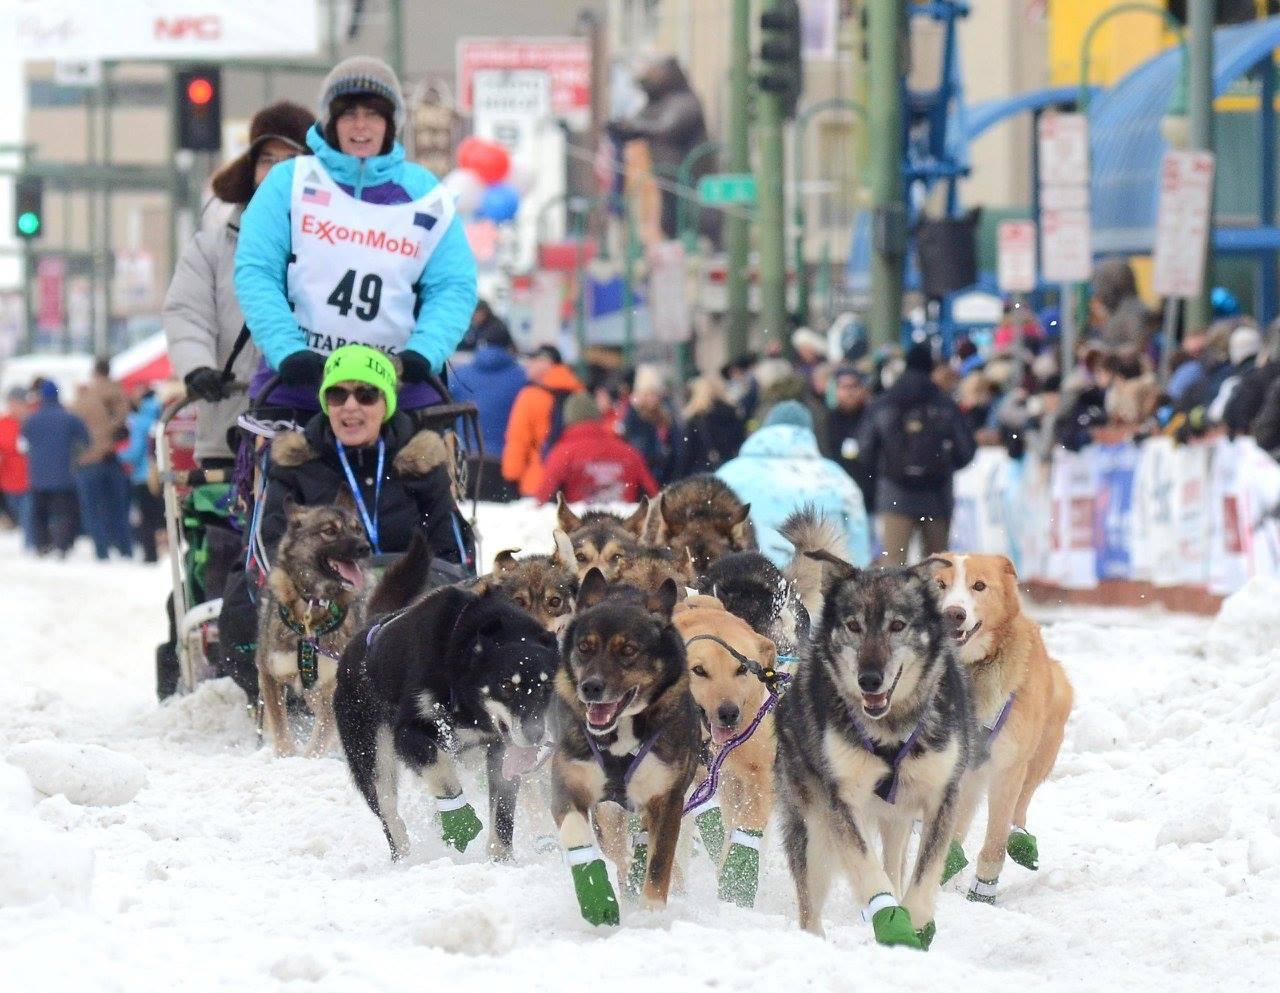 Ceremonial start of 2016 Iditarod             Photo by: Sam Towarak